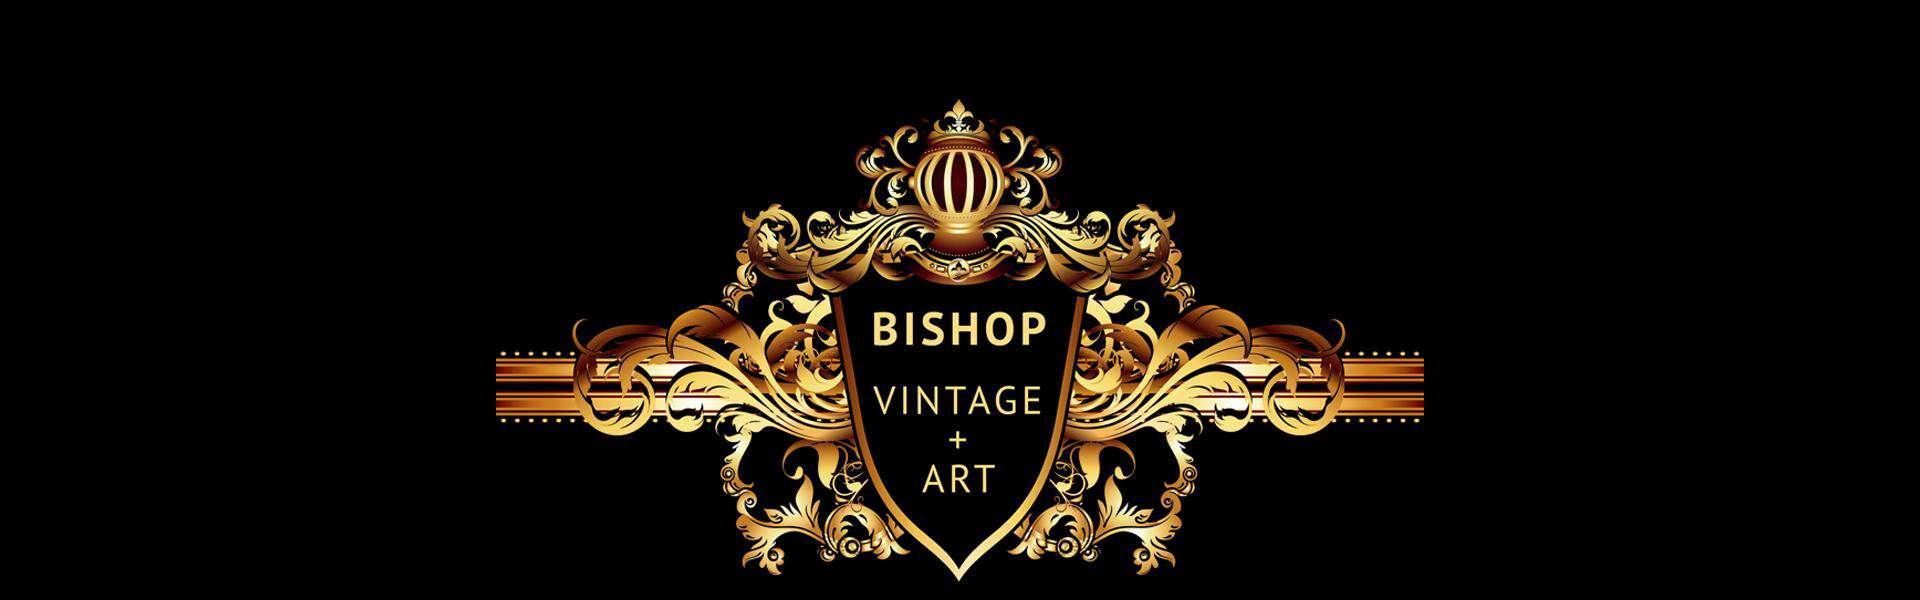 Vintage-Onlineshop_Allg_Slider